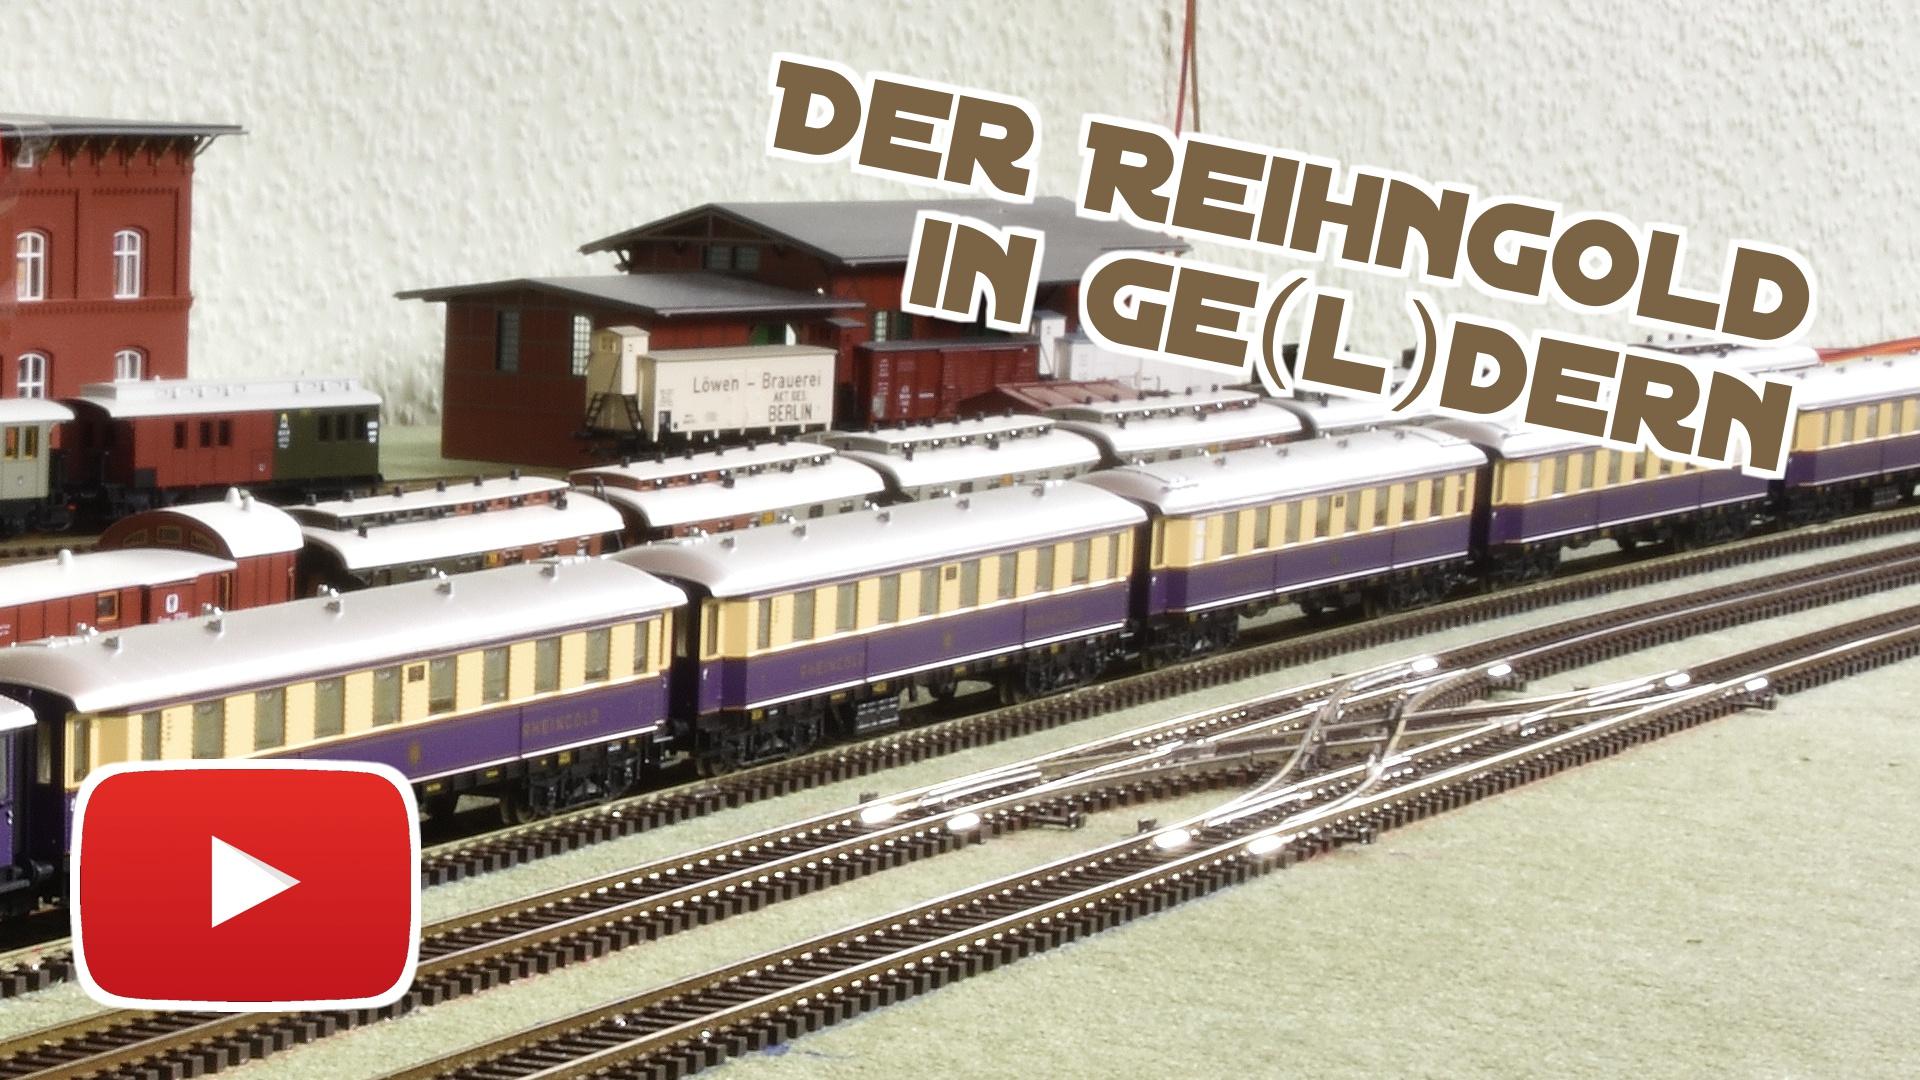 Video: Der Rheingold in Geldern